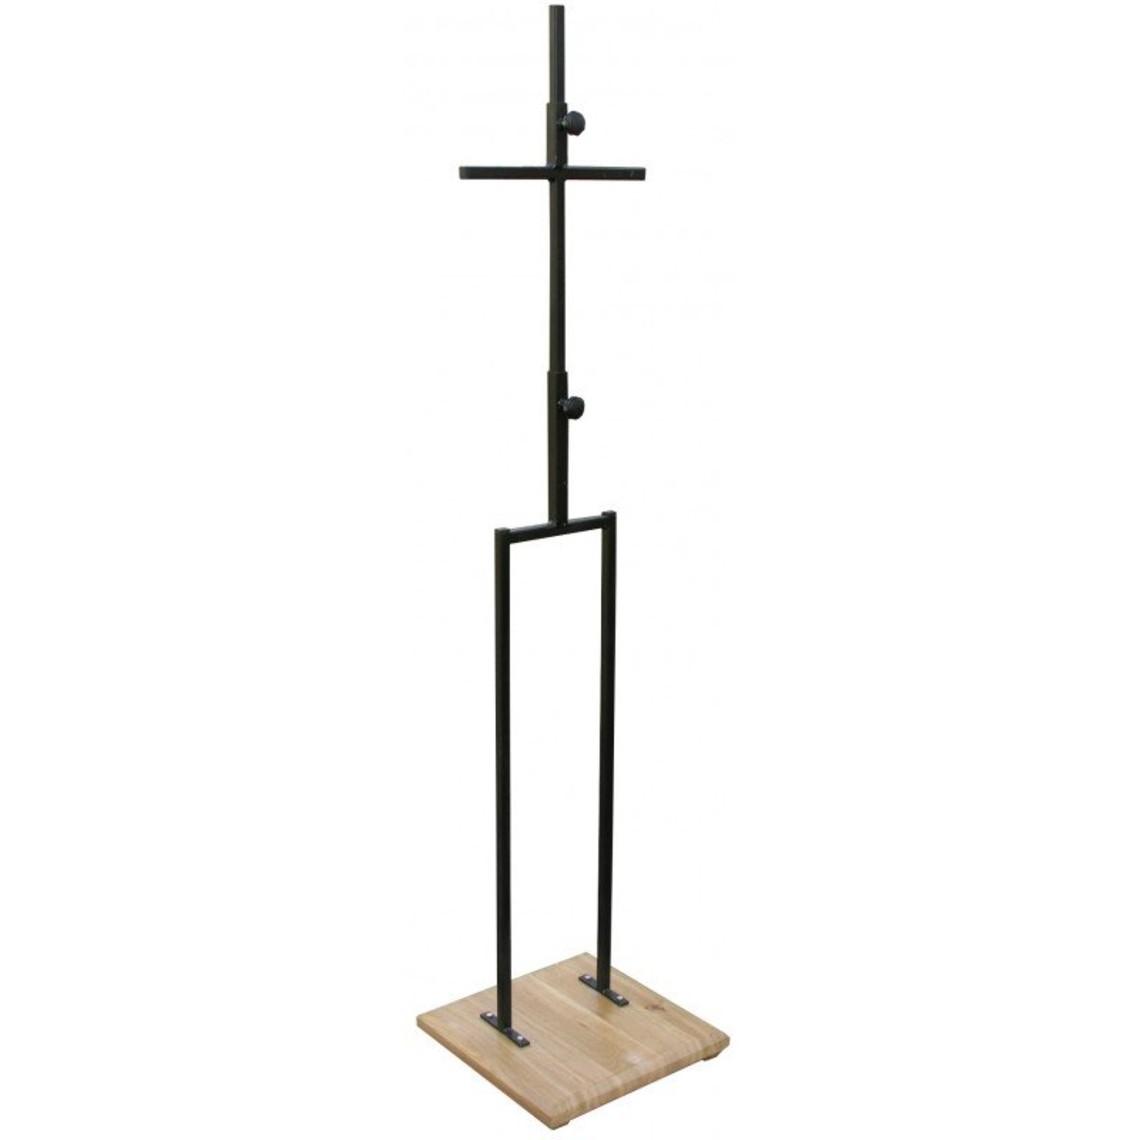 Utdrag stativ, 160-190 cm